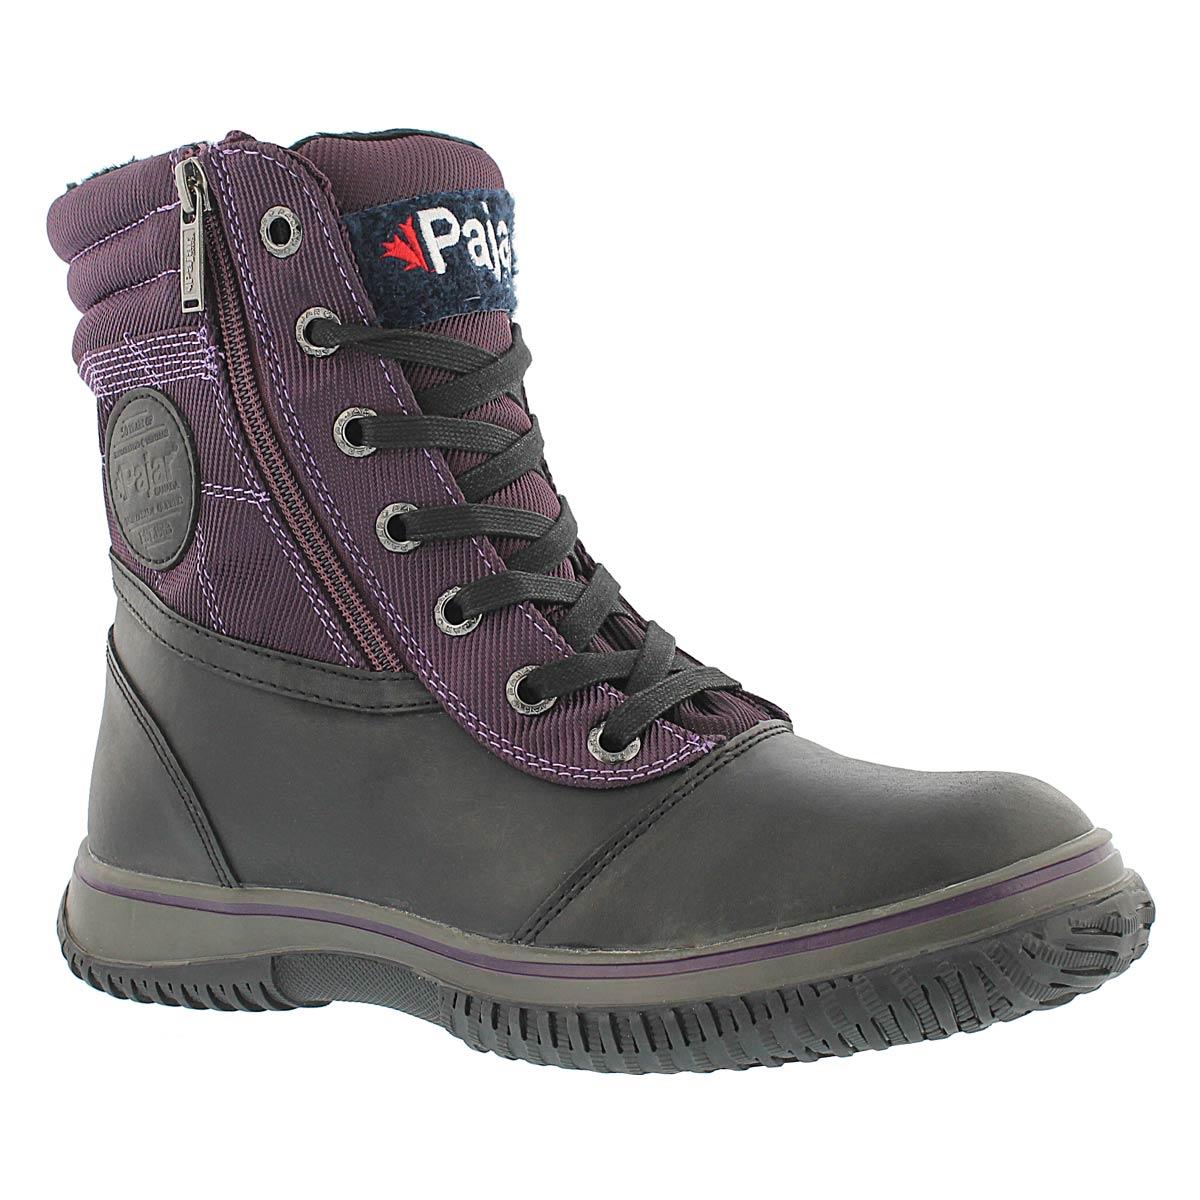 Women's LESLIE bllk/purple waterproof winter boots